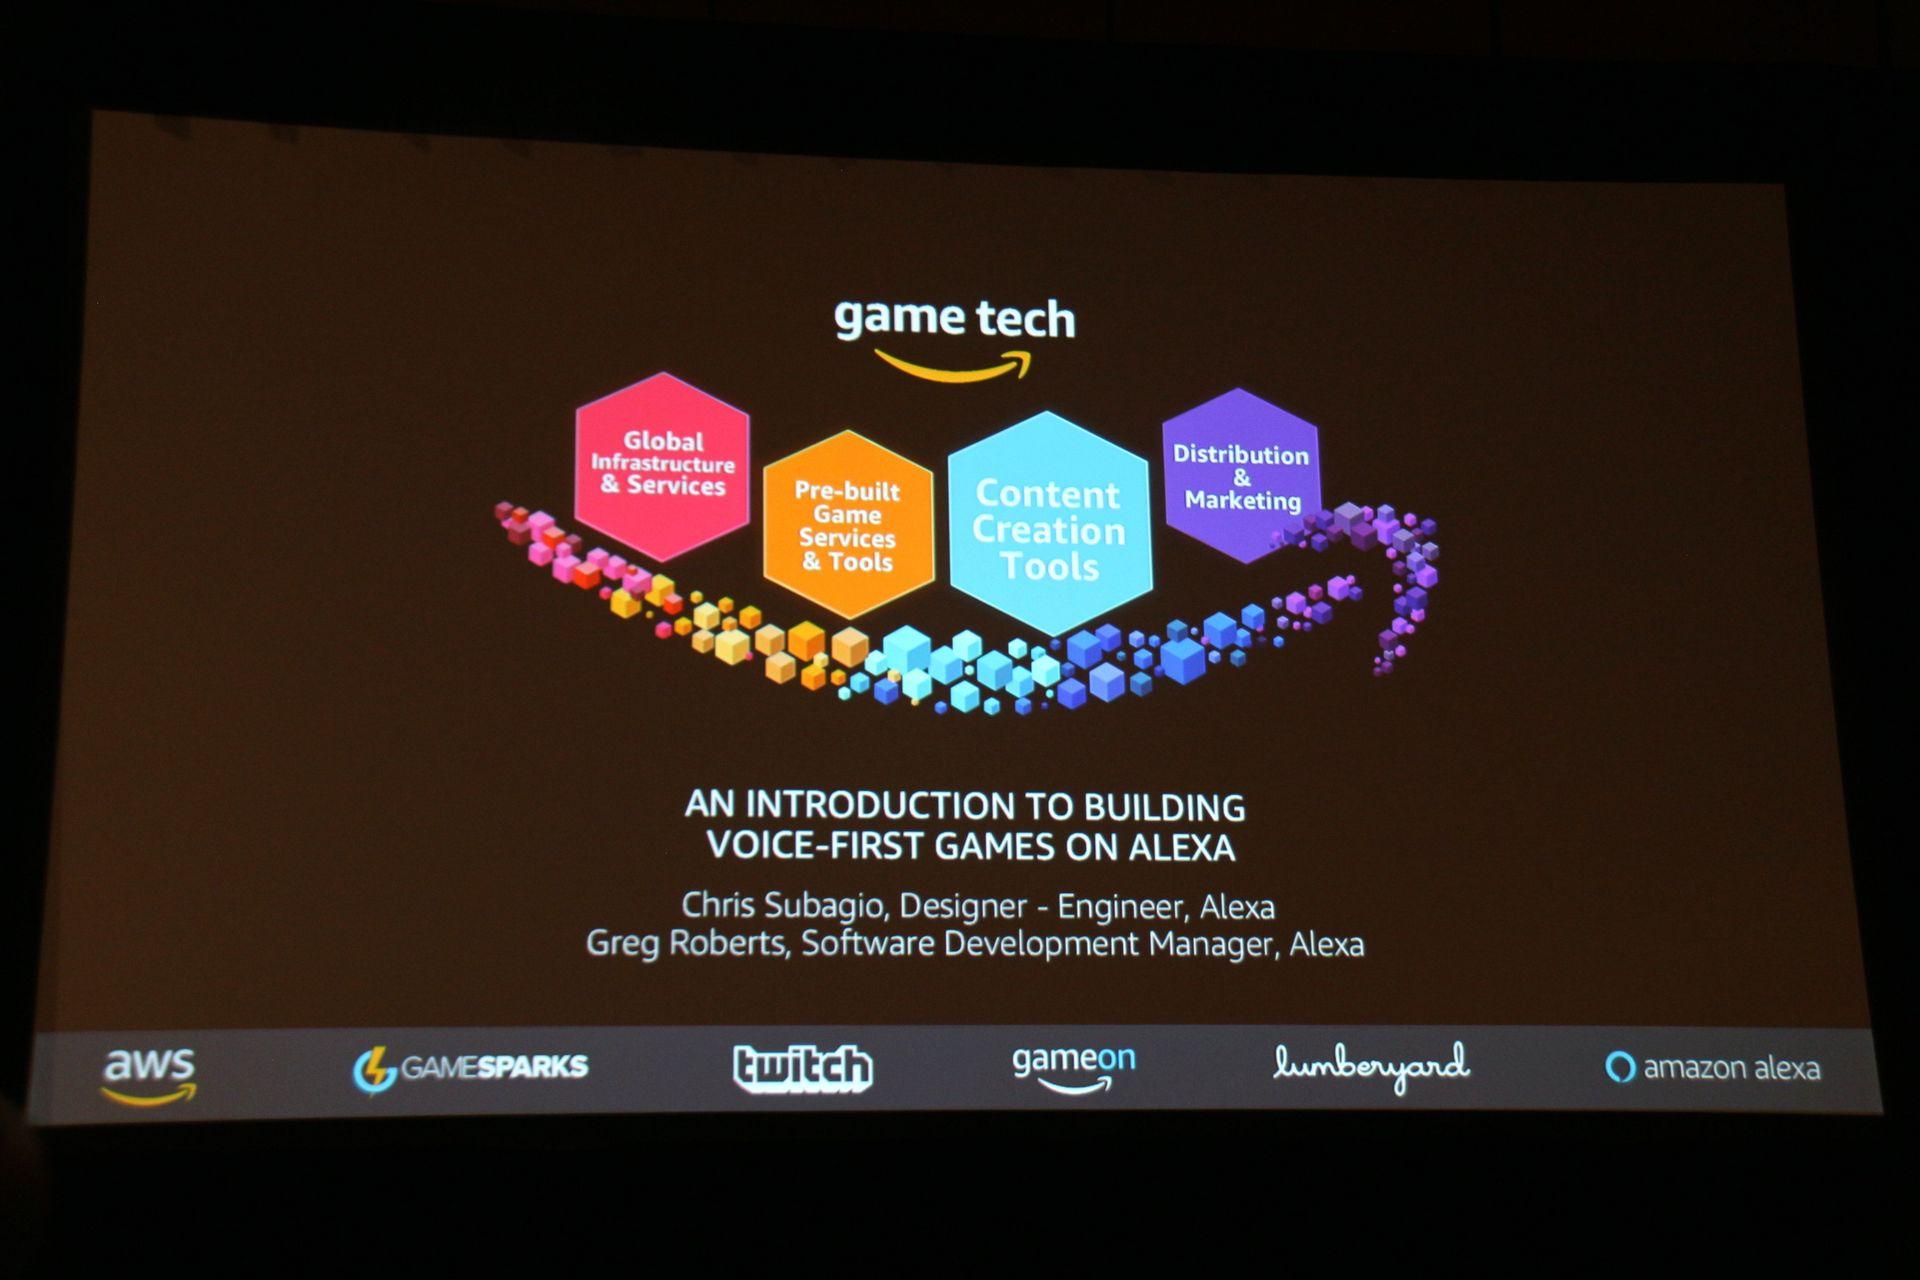 ゲーム産業をフルカバーするAmazon